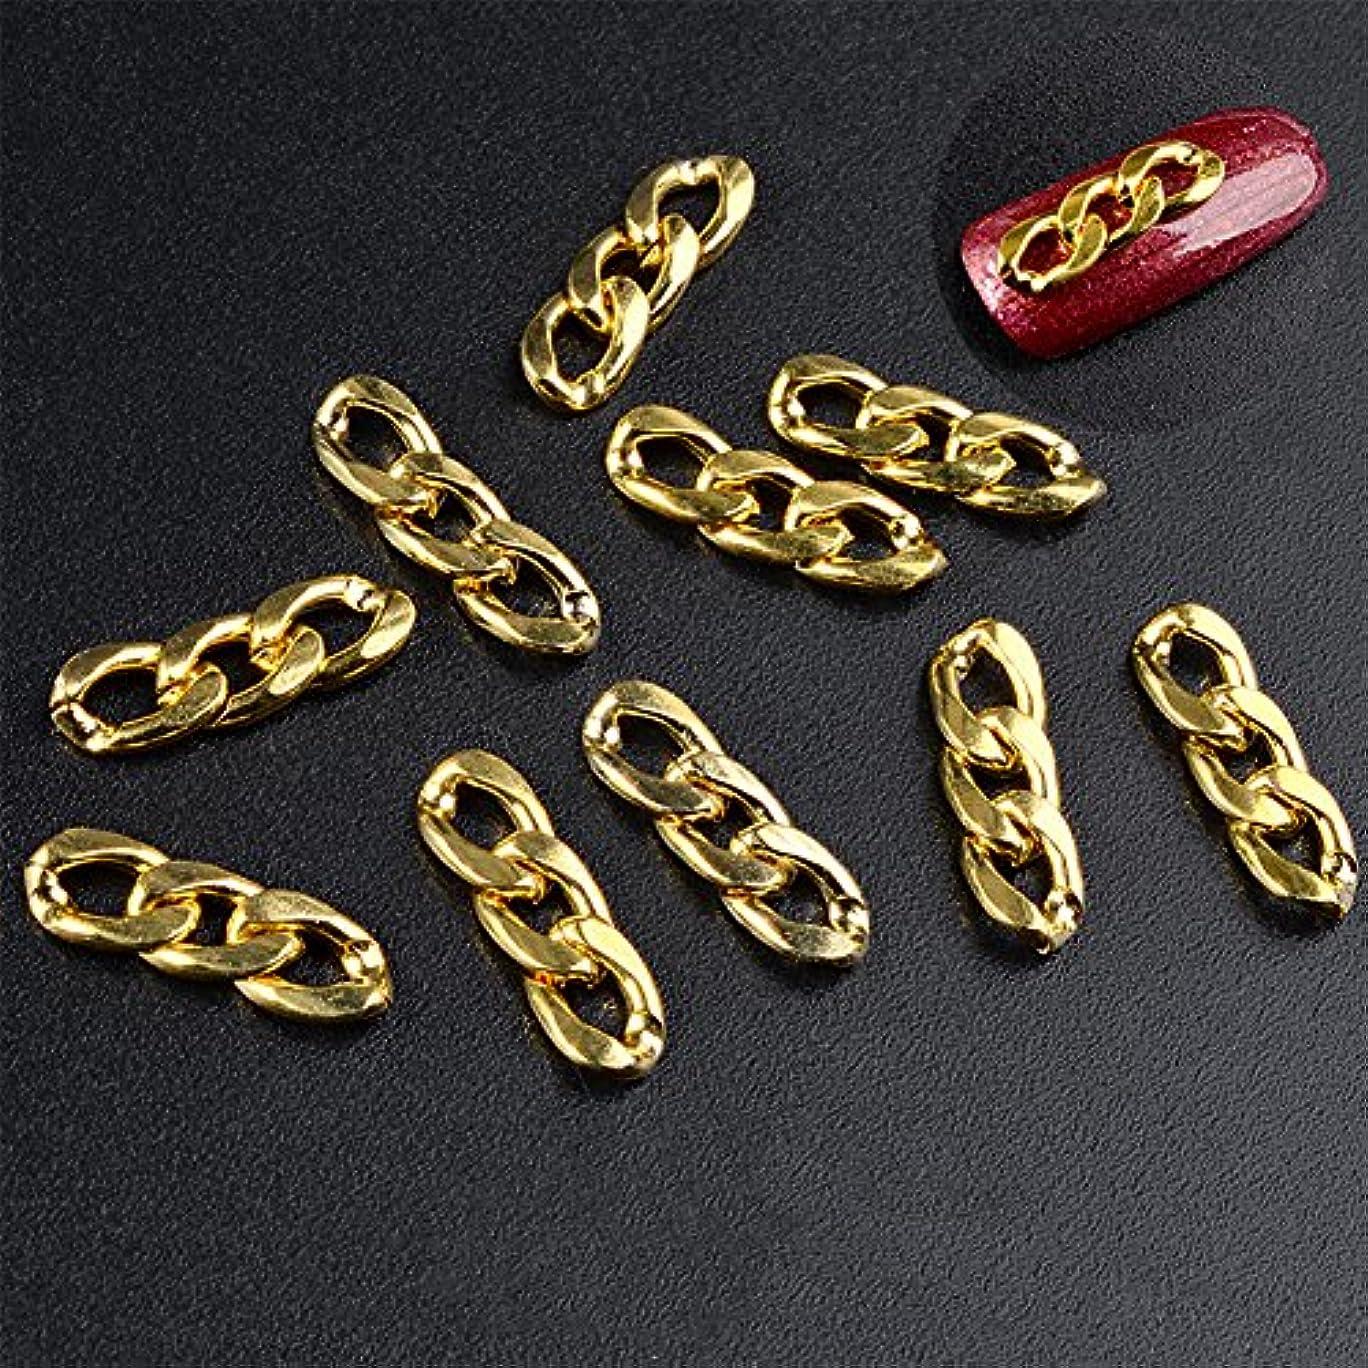 キノコ進行中麻酔薬RaiFu ネイル アートチェーン マニキュア供給 シャイニー 装飾 10PCS ゴールデン